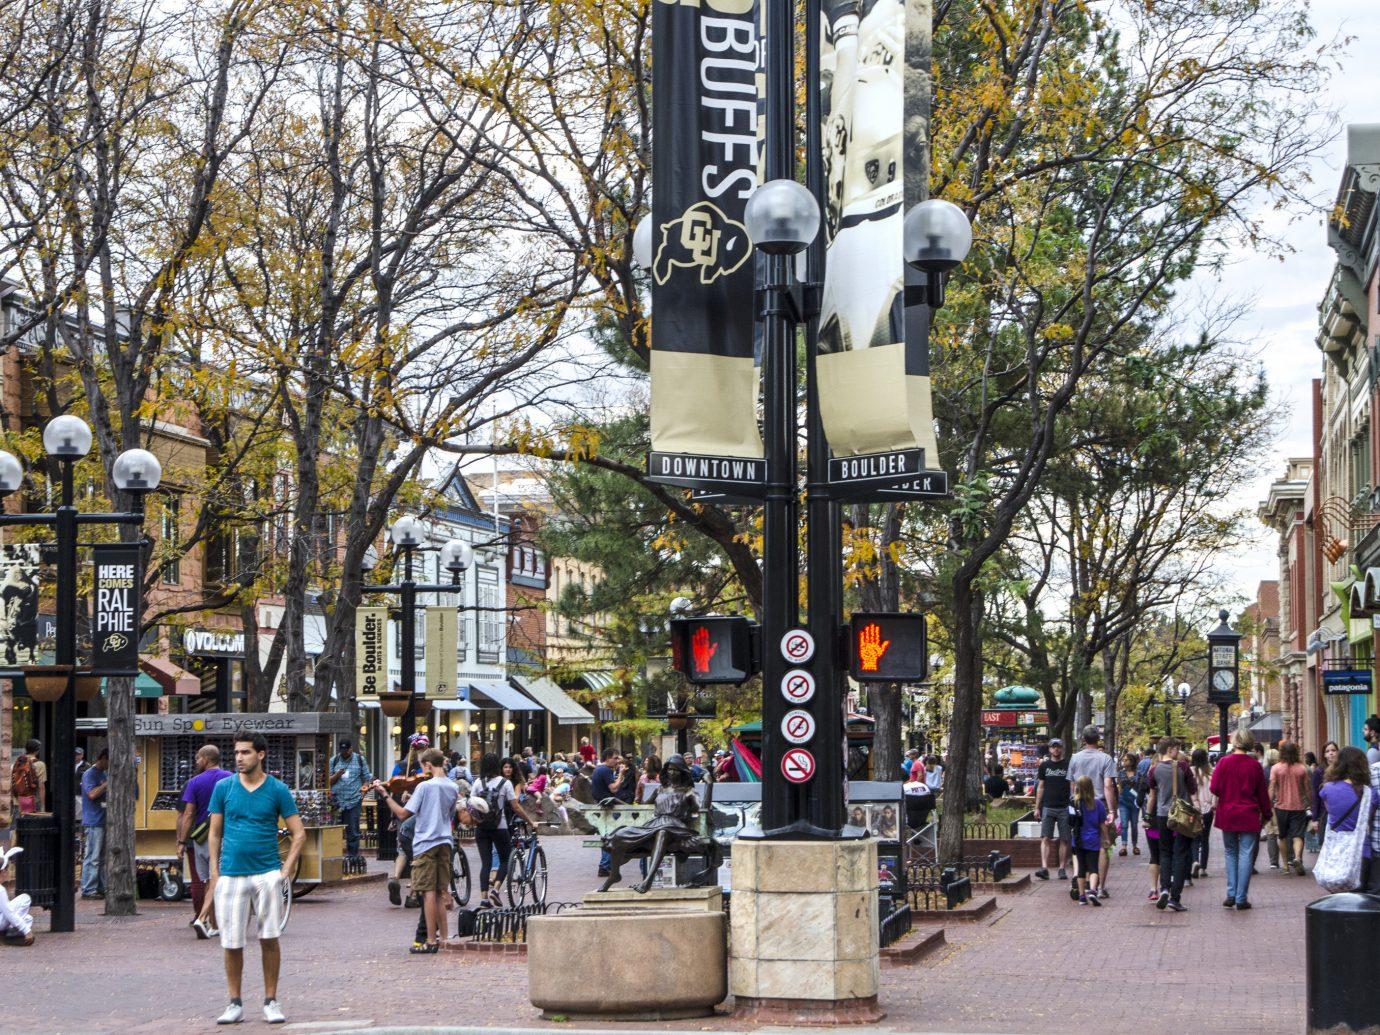 Trip Ideas Town urban area tree City street pedestrian Downtown neighbourhood recreation